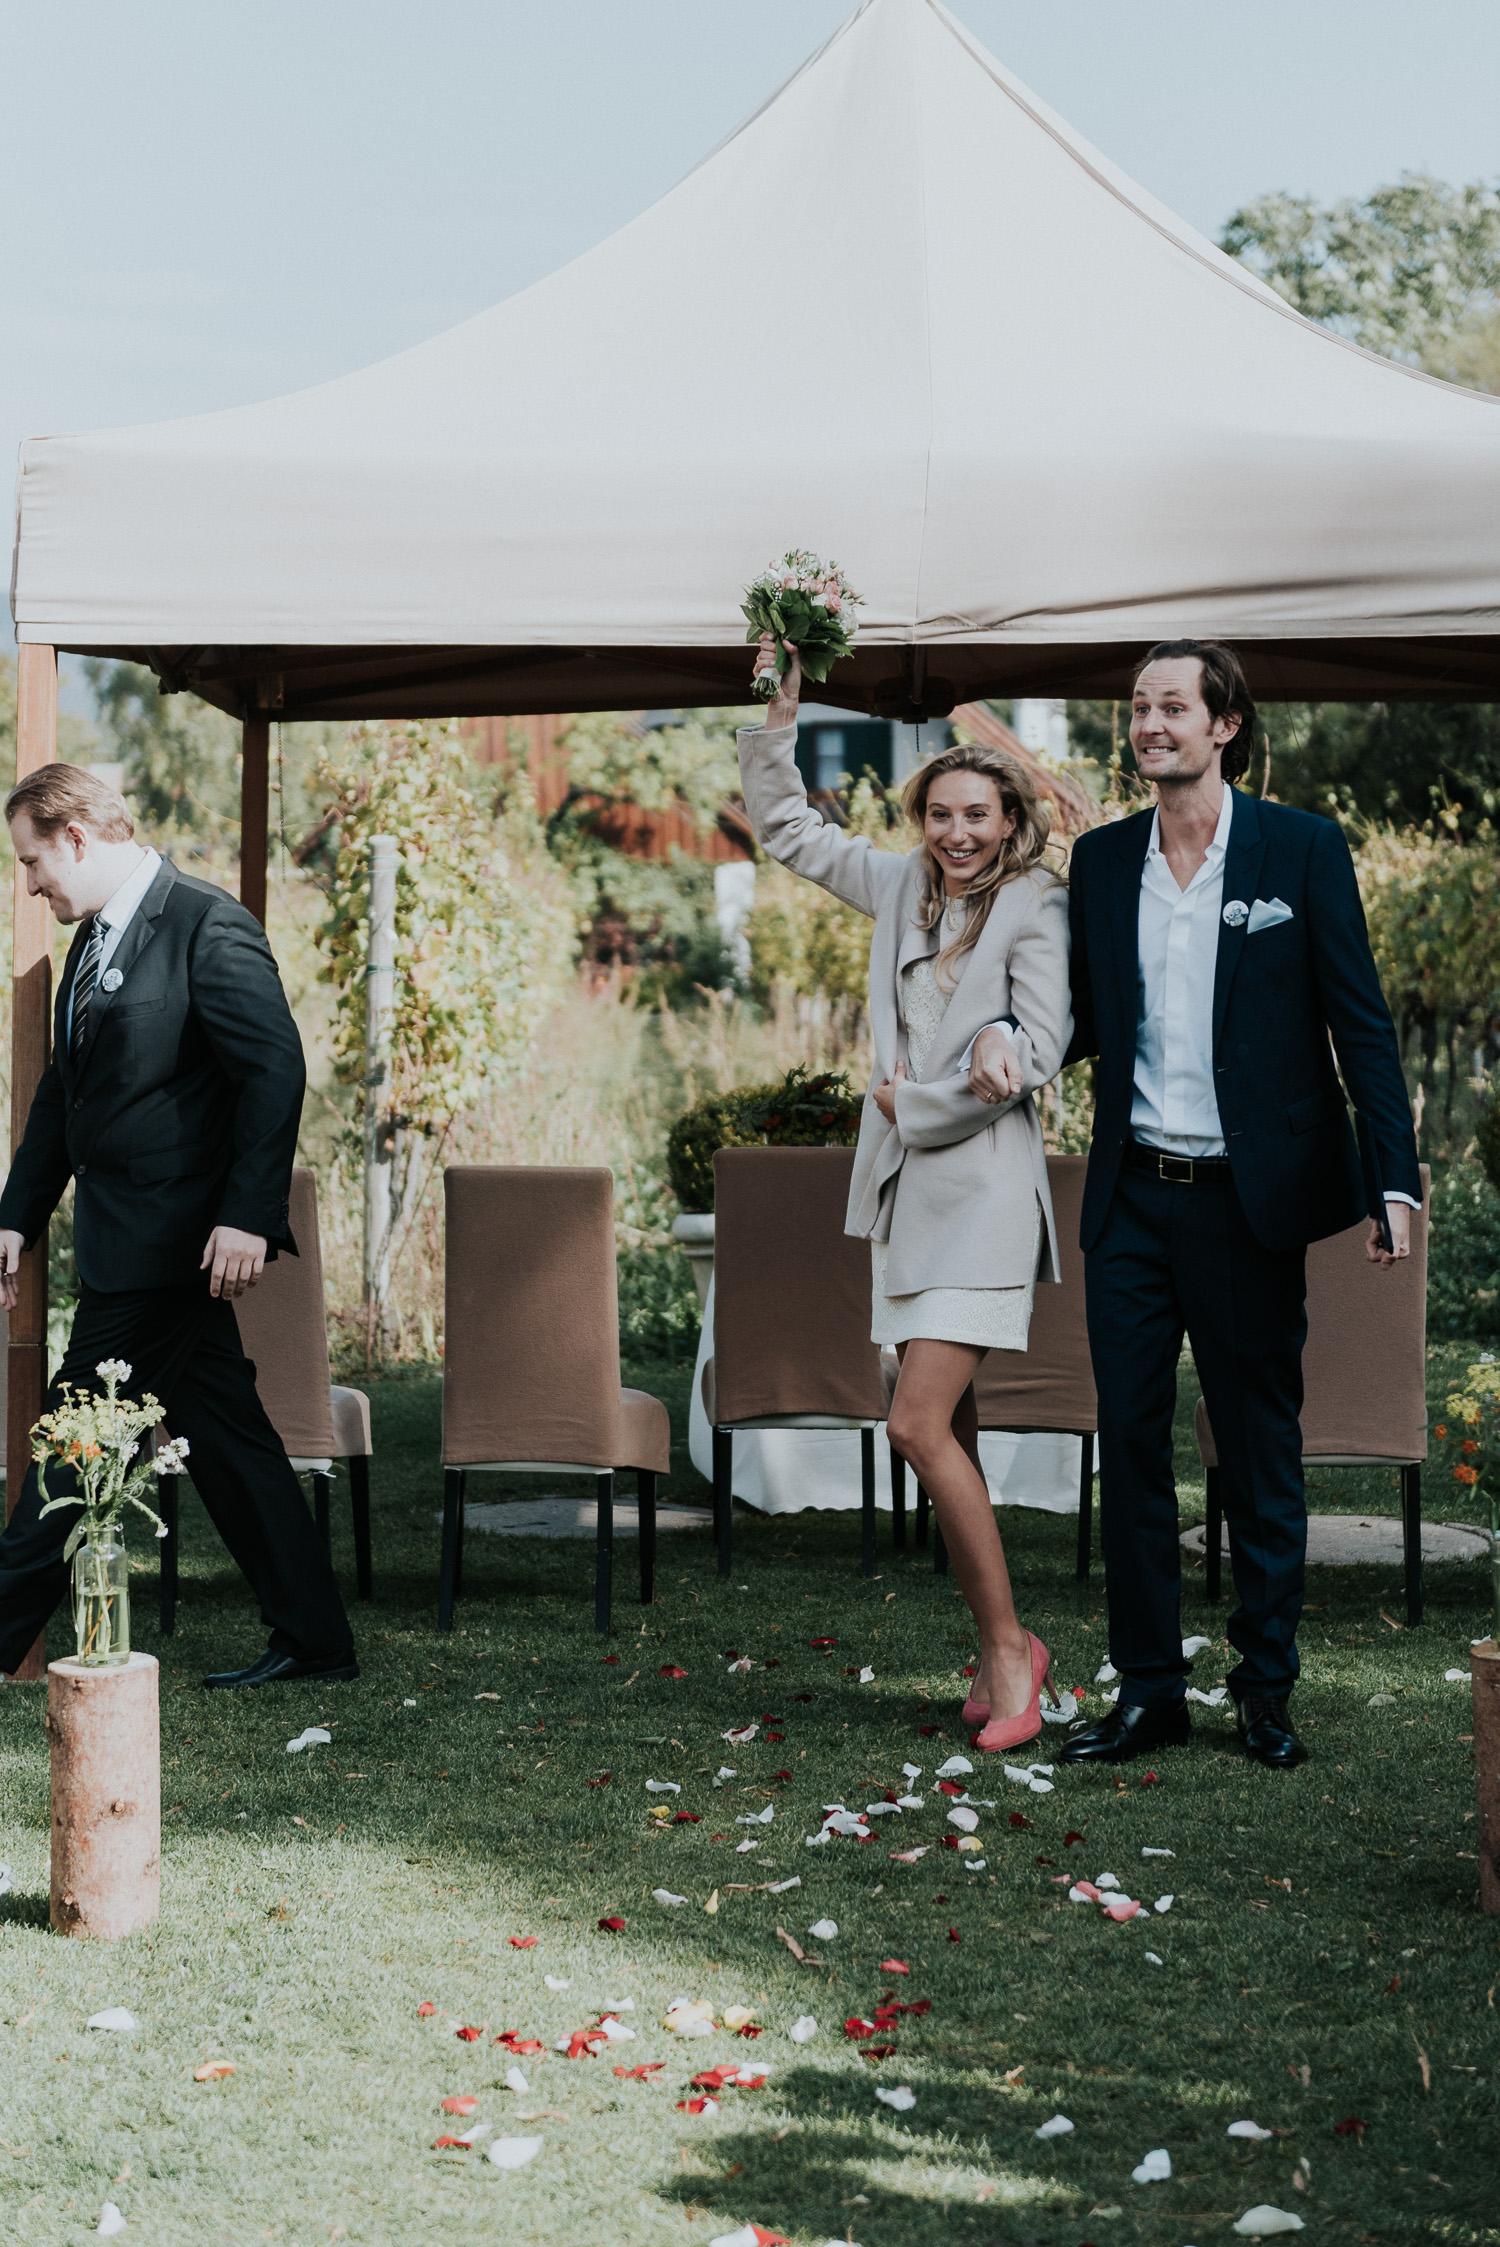 Weingut_Zimmermann_Hochzeit_belle&sass0114.jpg